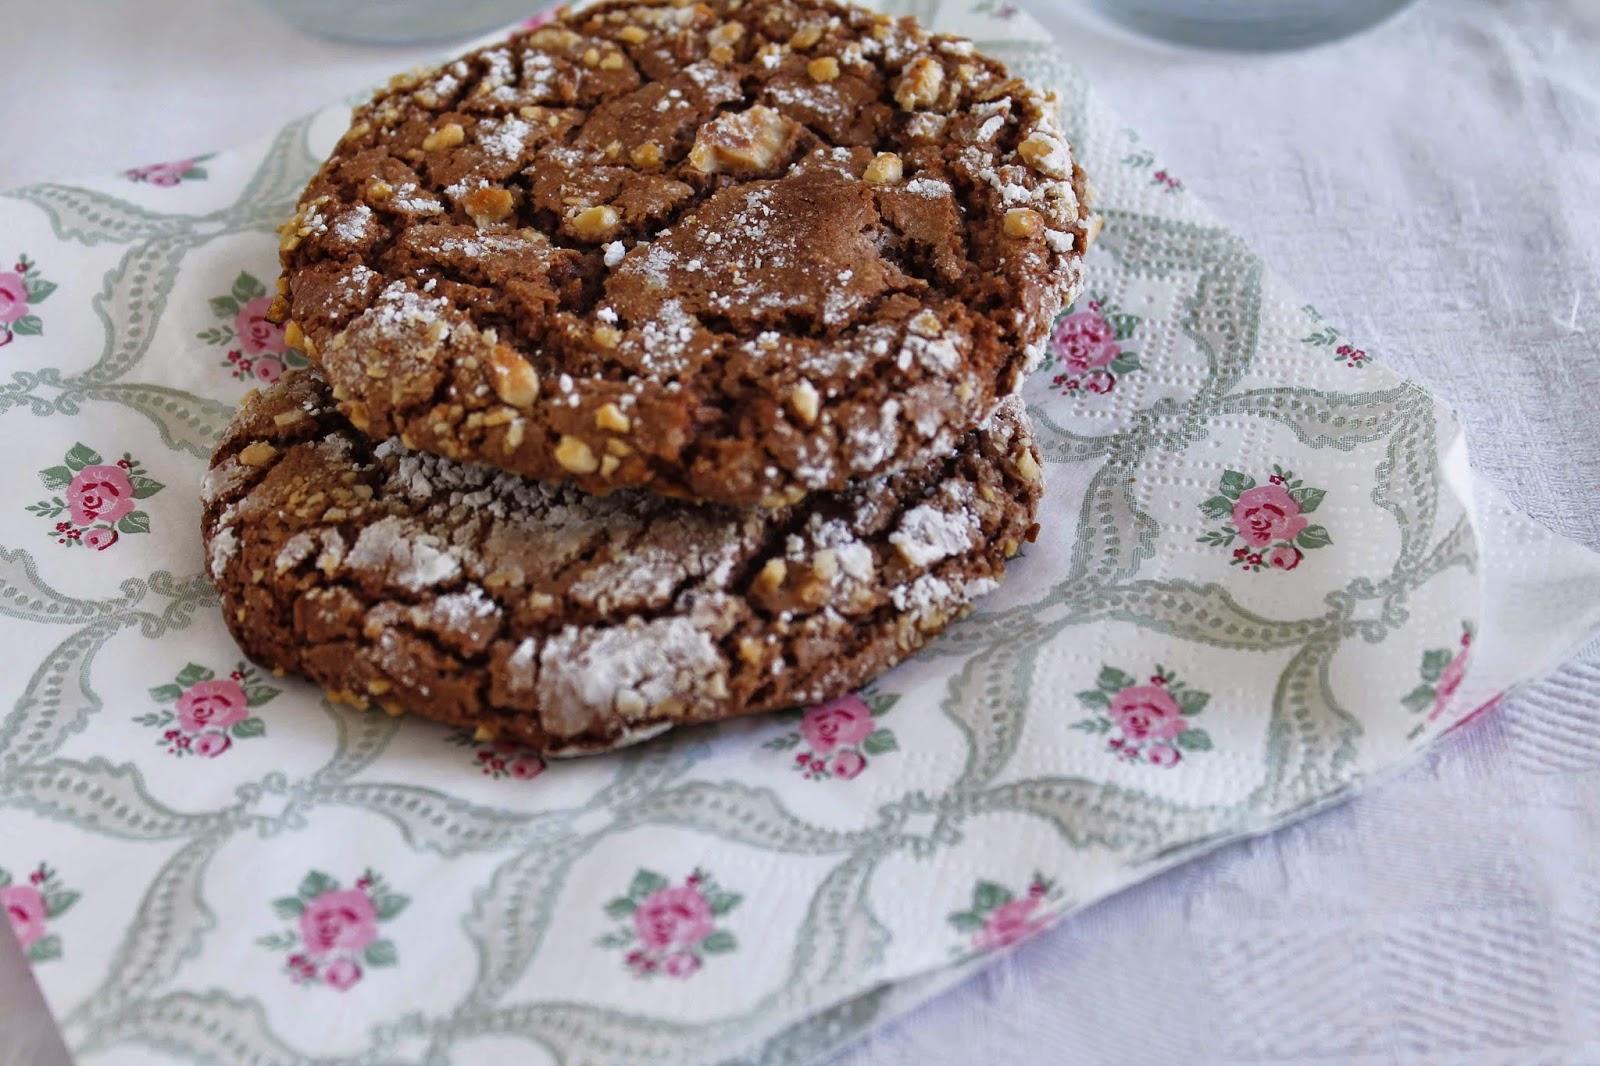 Receta Galletas de Nutella y avellanas